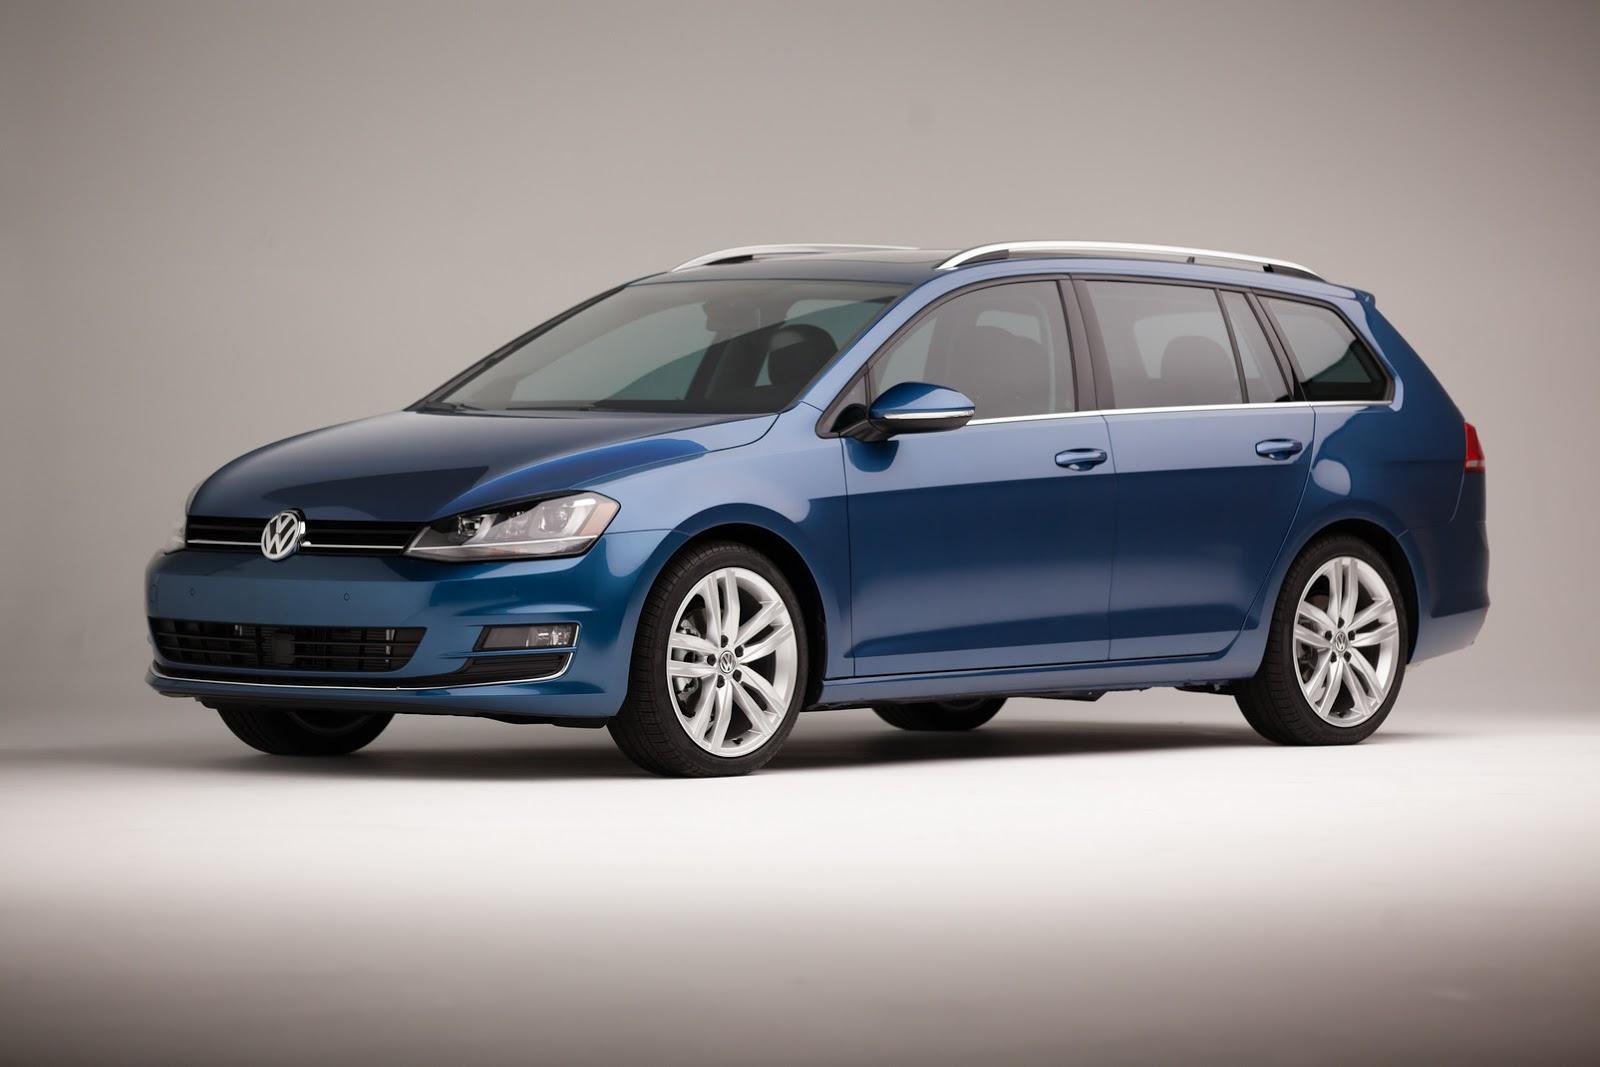 МВД аннулирует регистрацию всех Volkswagen Golf Sportwagen 1